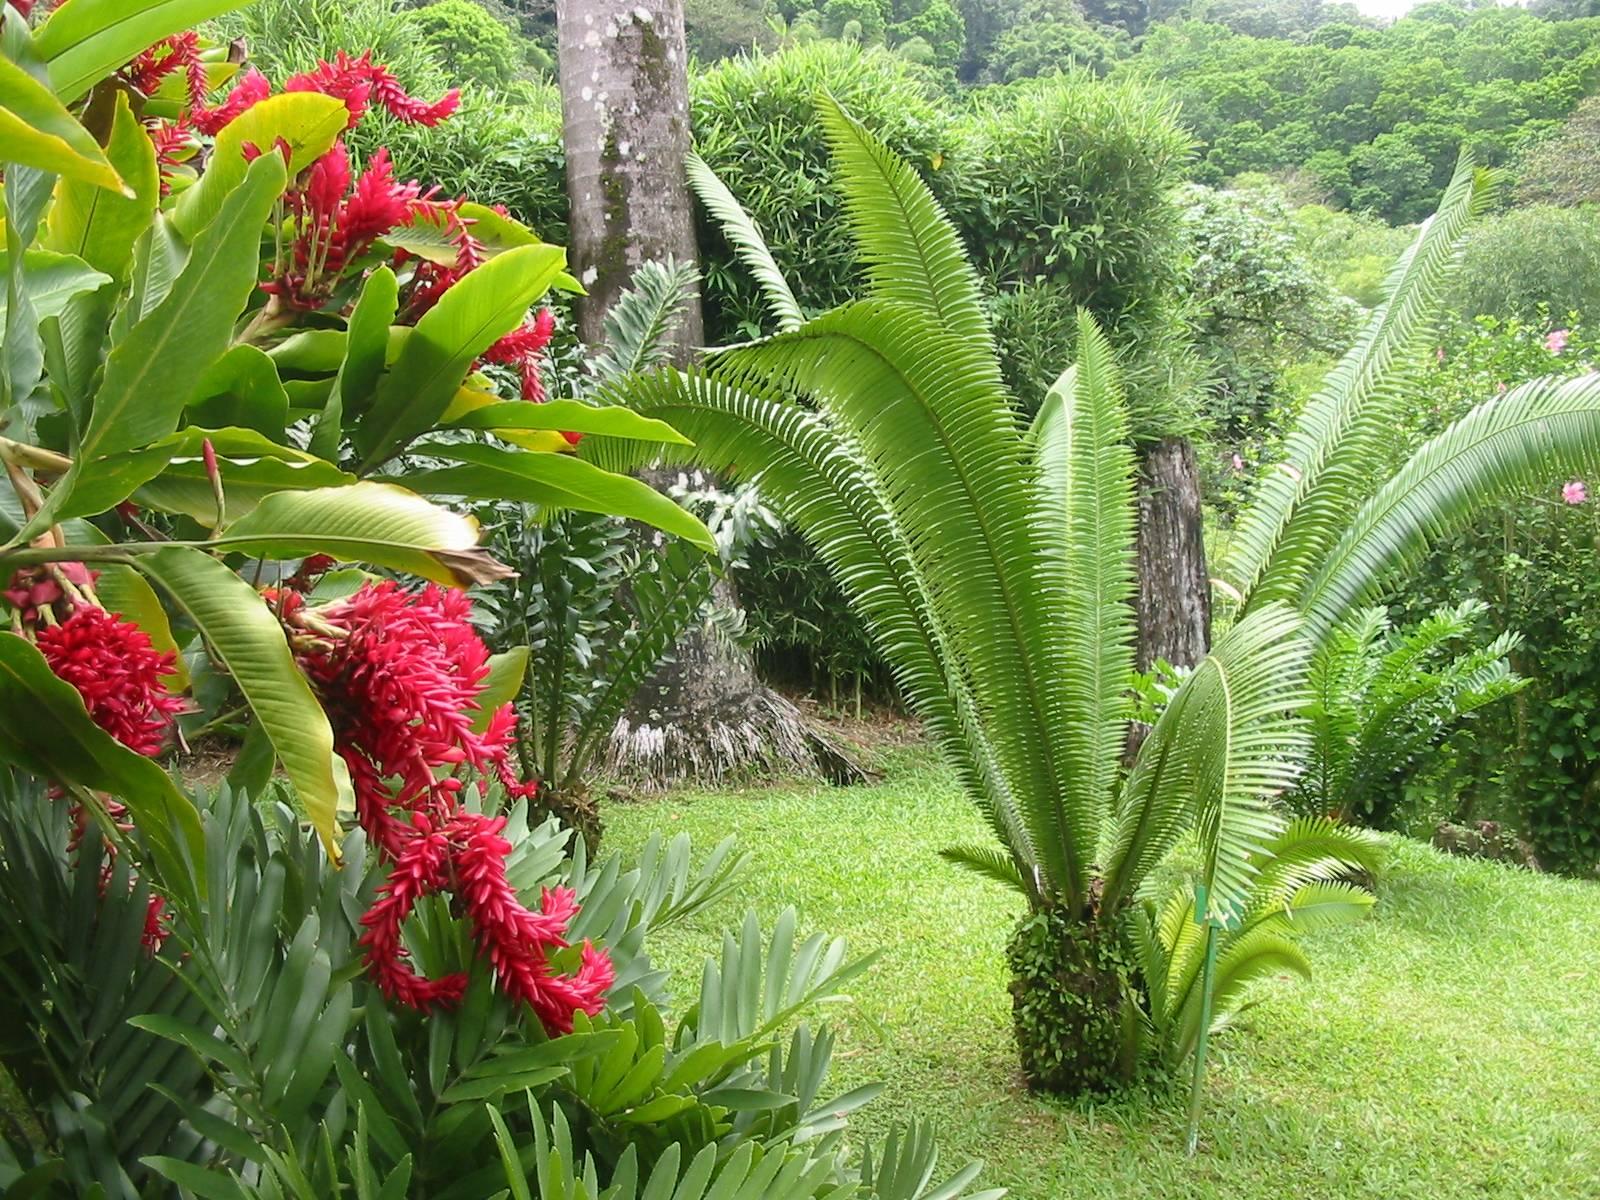 Fond d 39 cran image au jardin de balata photo de mich le for Jardin japonais fond d ecran